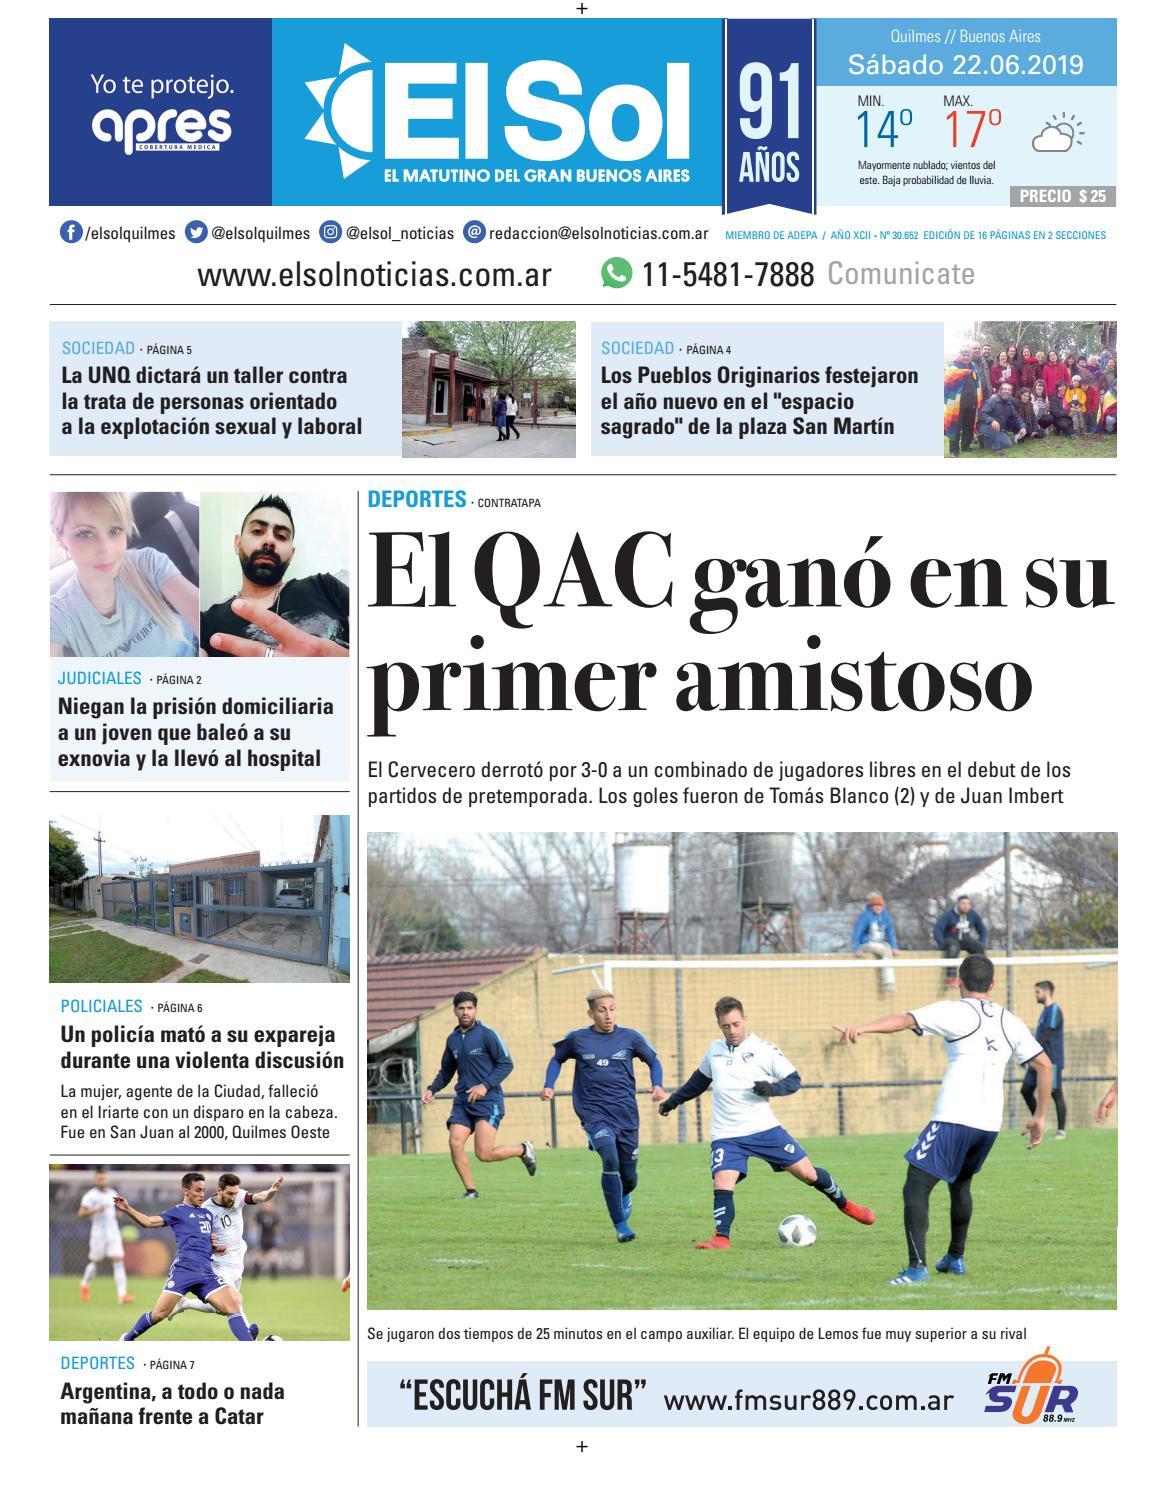 Diario El Sol 22-06-2019 by EL SOL URBANA - issuu